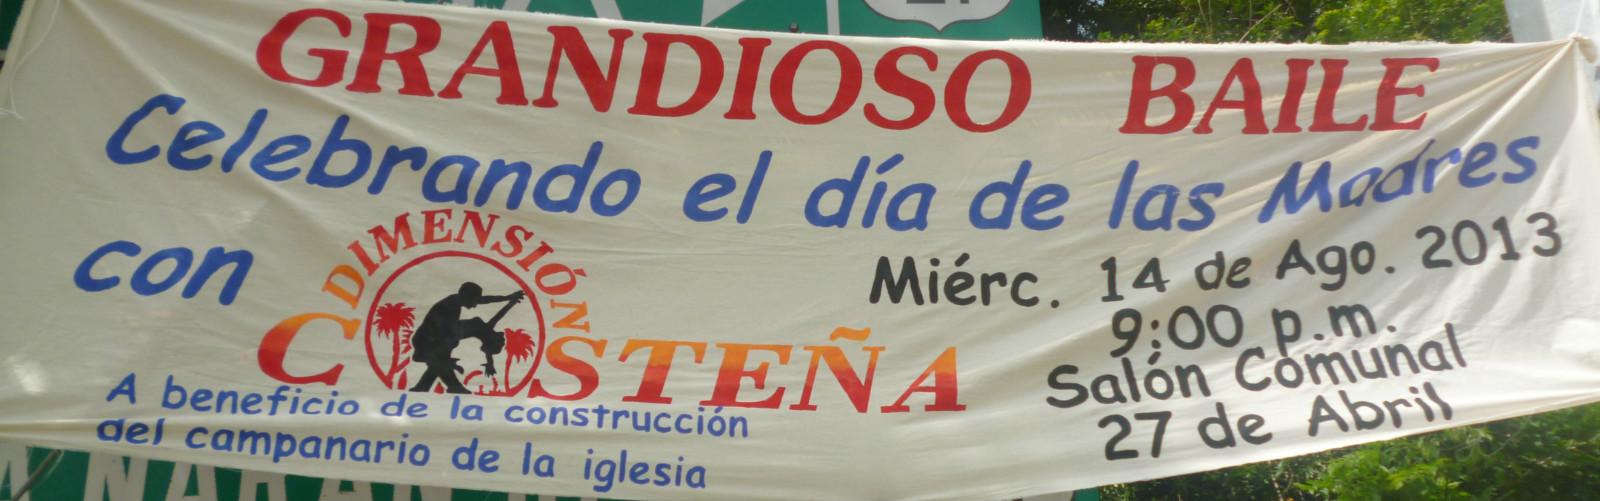 Comunidad de 27 de Abril celebra, el día de las Madres con Dimensión Costeña